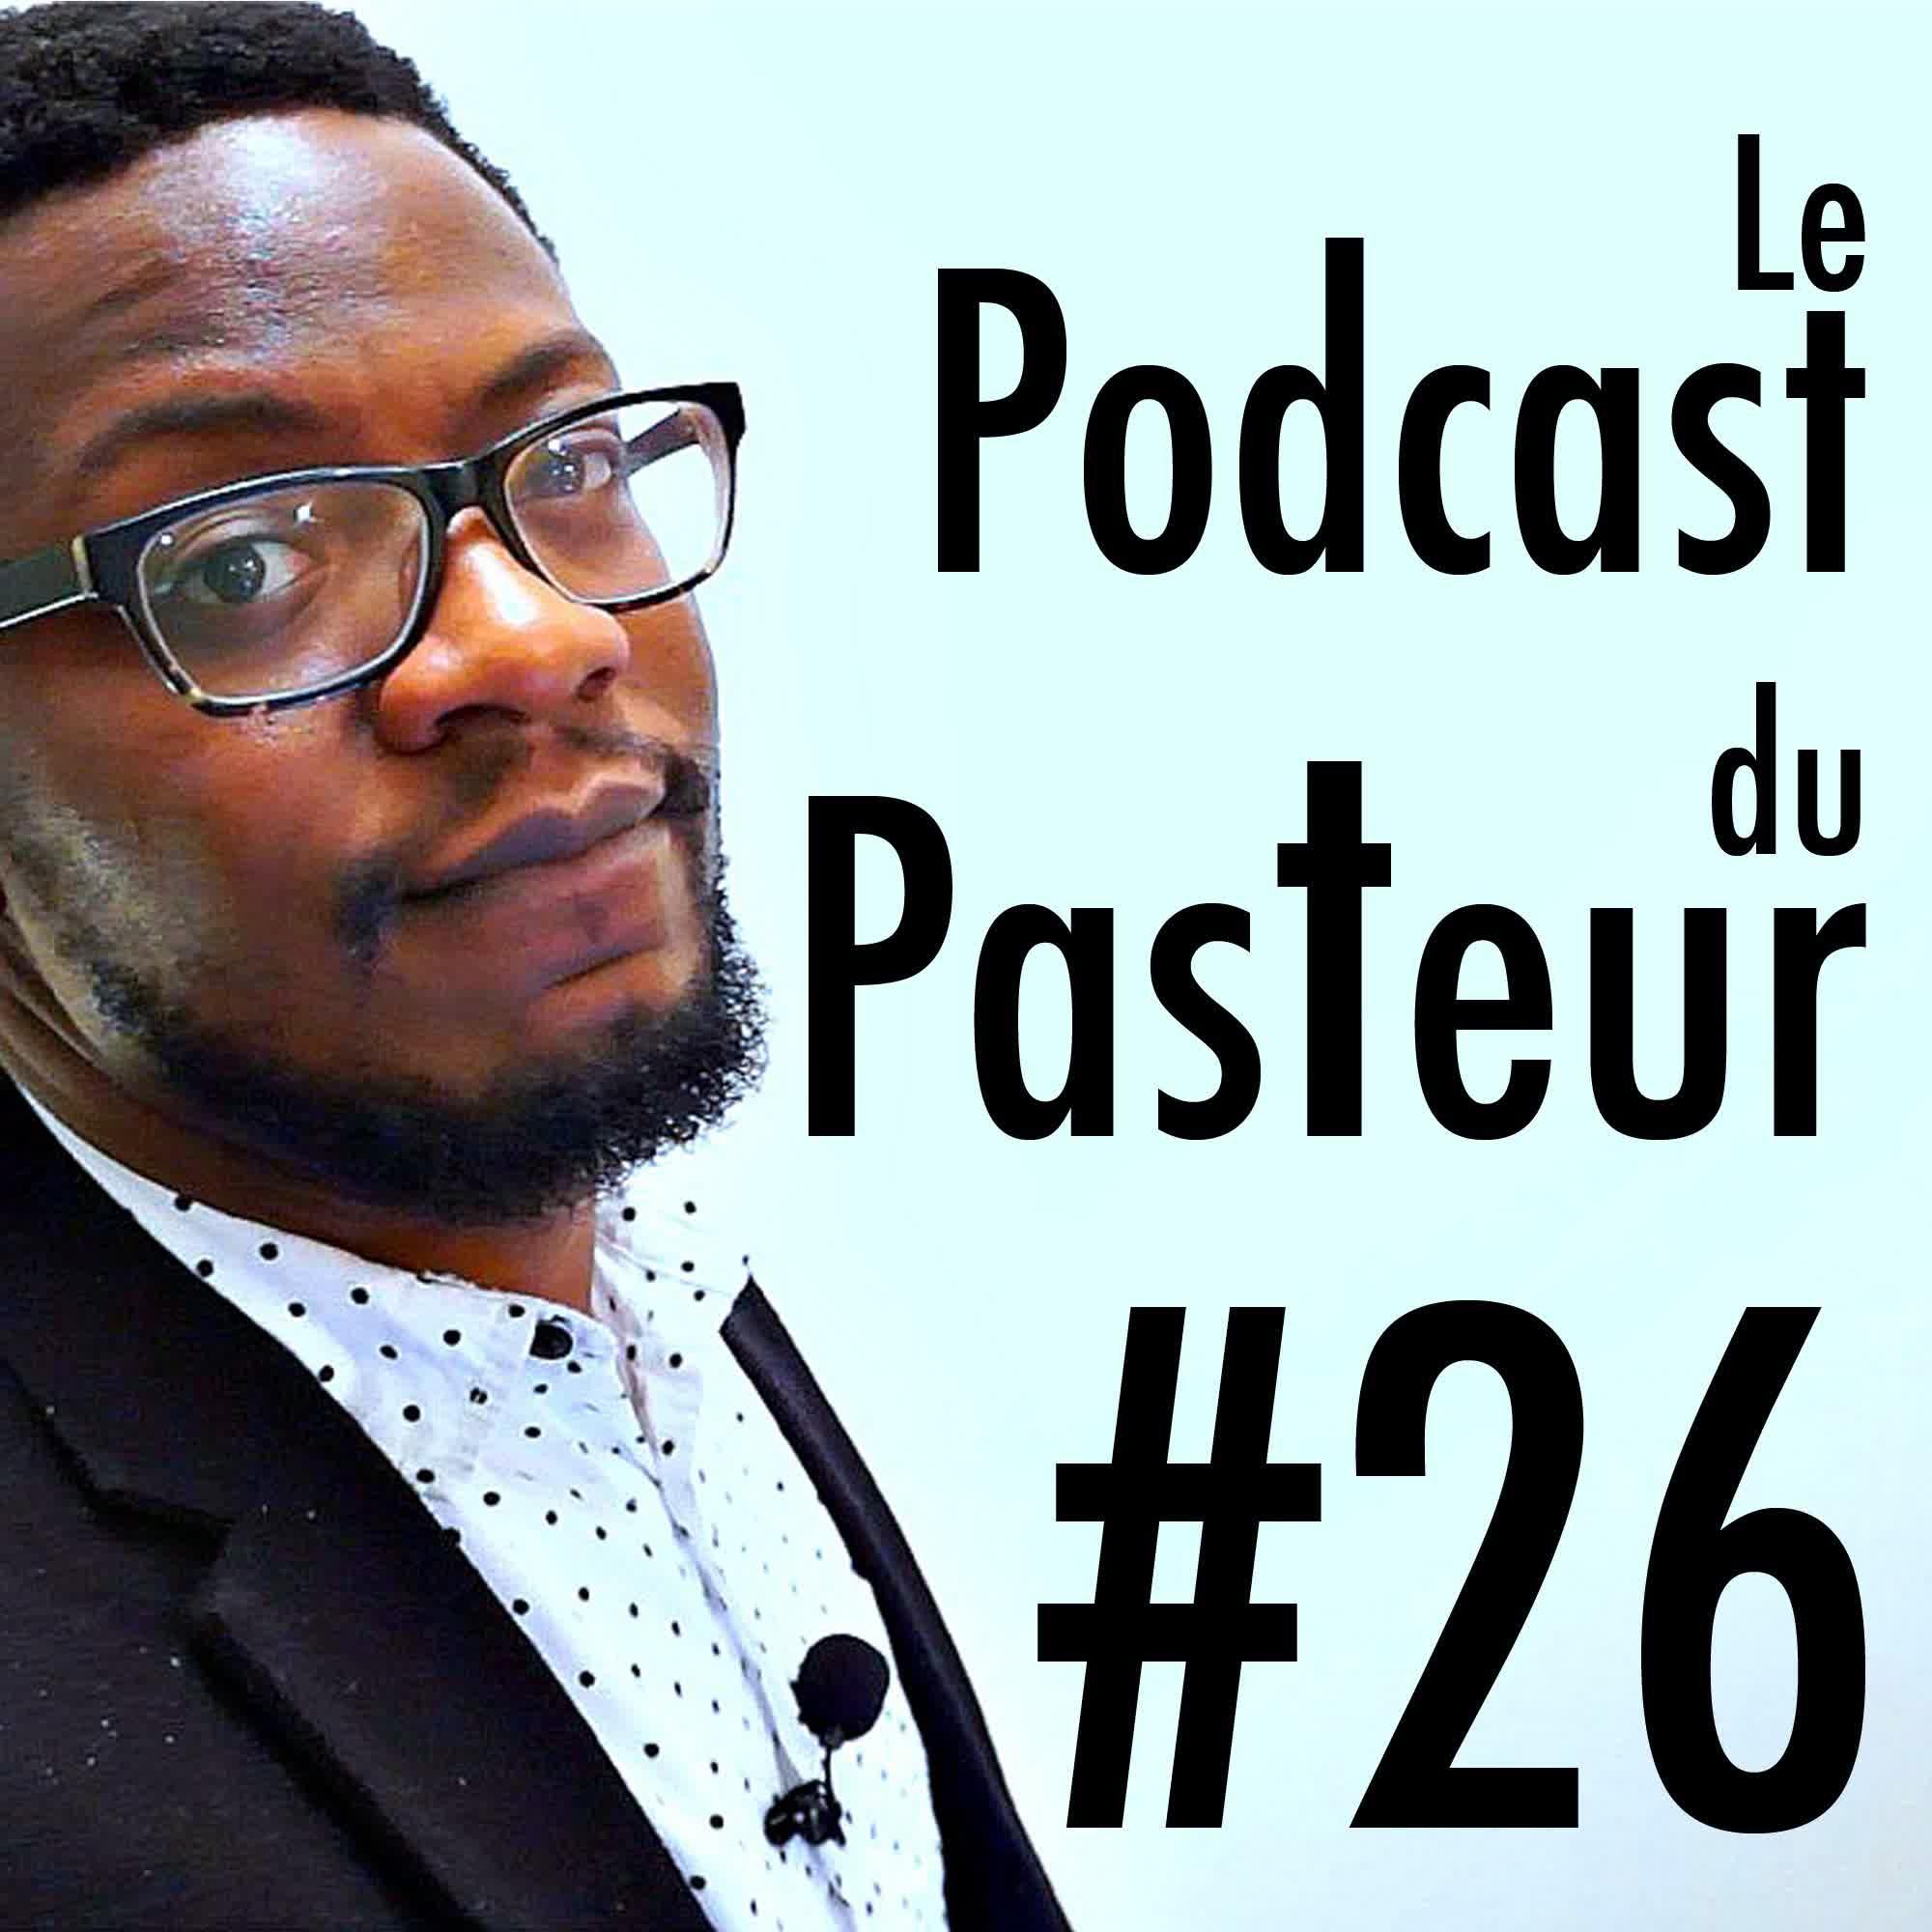 #26 Anniversaire du Podcast Feat. Jésus Christ